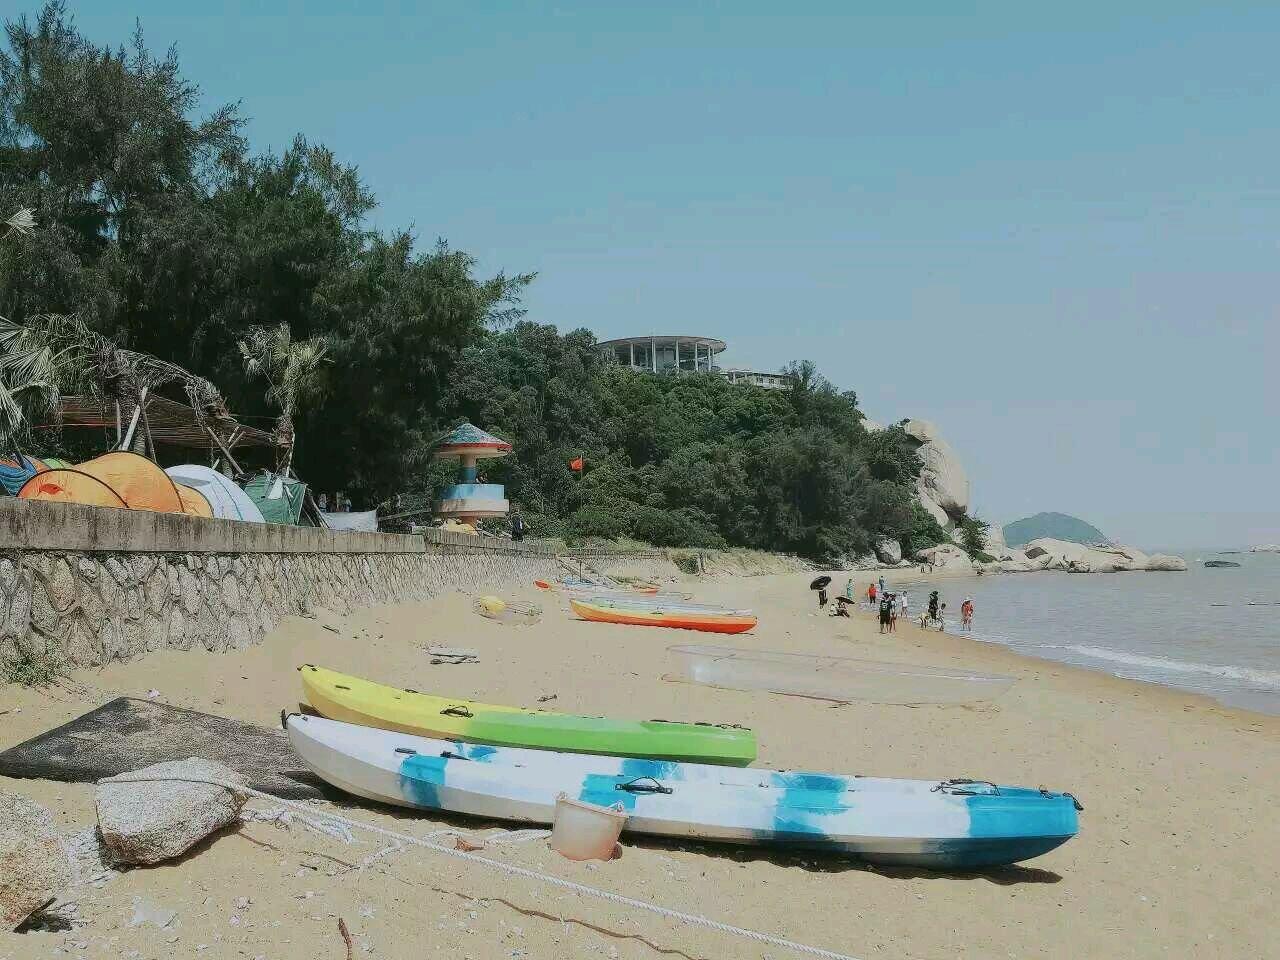 冲绳九洲岛_珠海旅游攻略_自助游攻略_去哪儿大西洋攻略珠海一日游邮轮图片